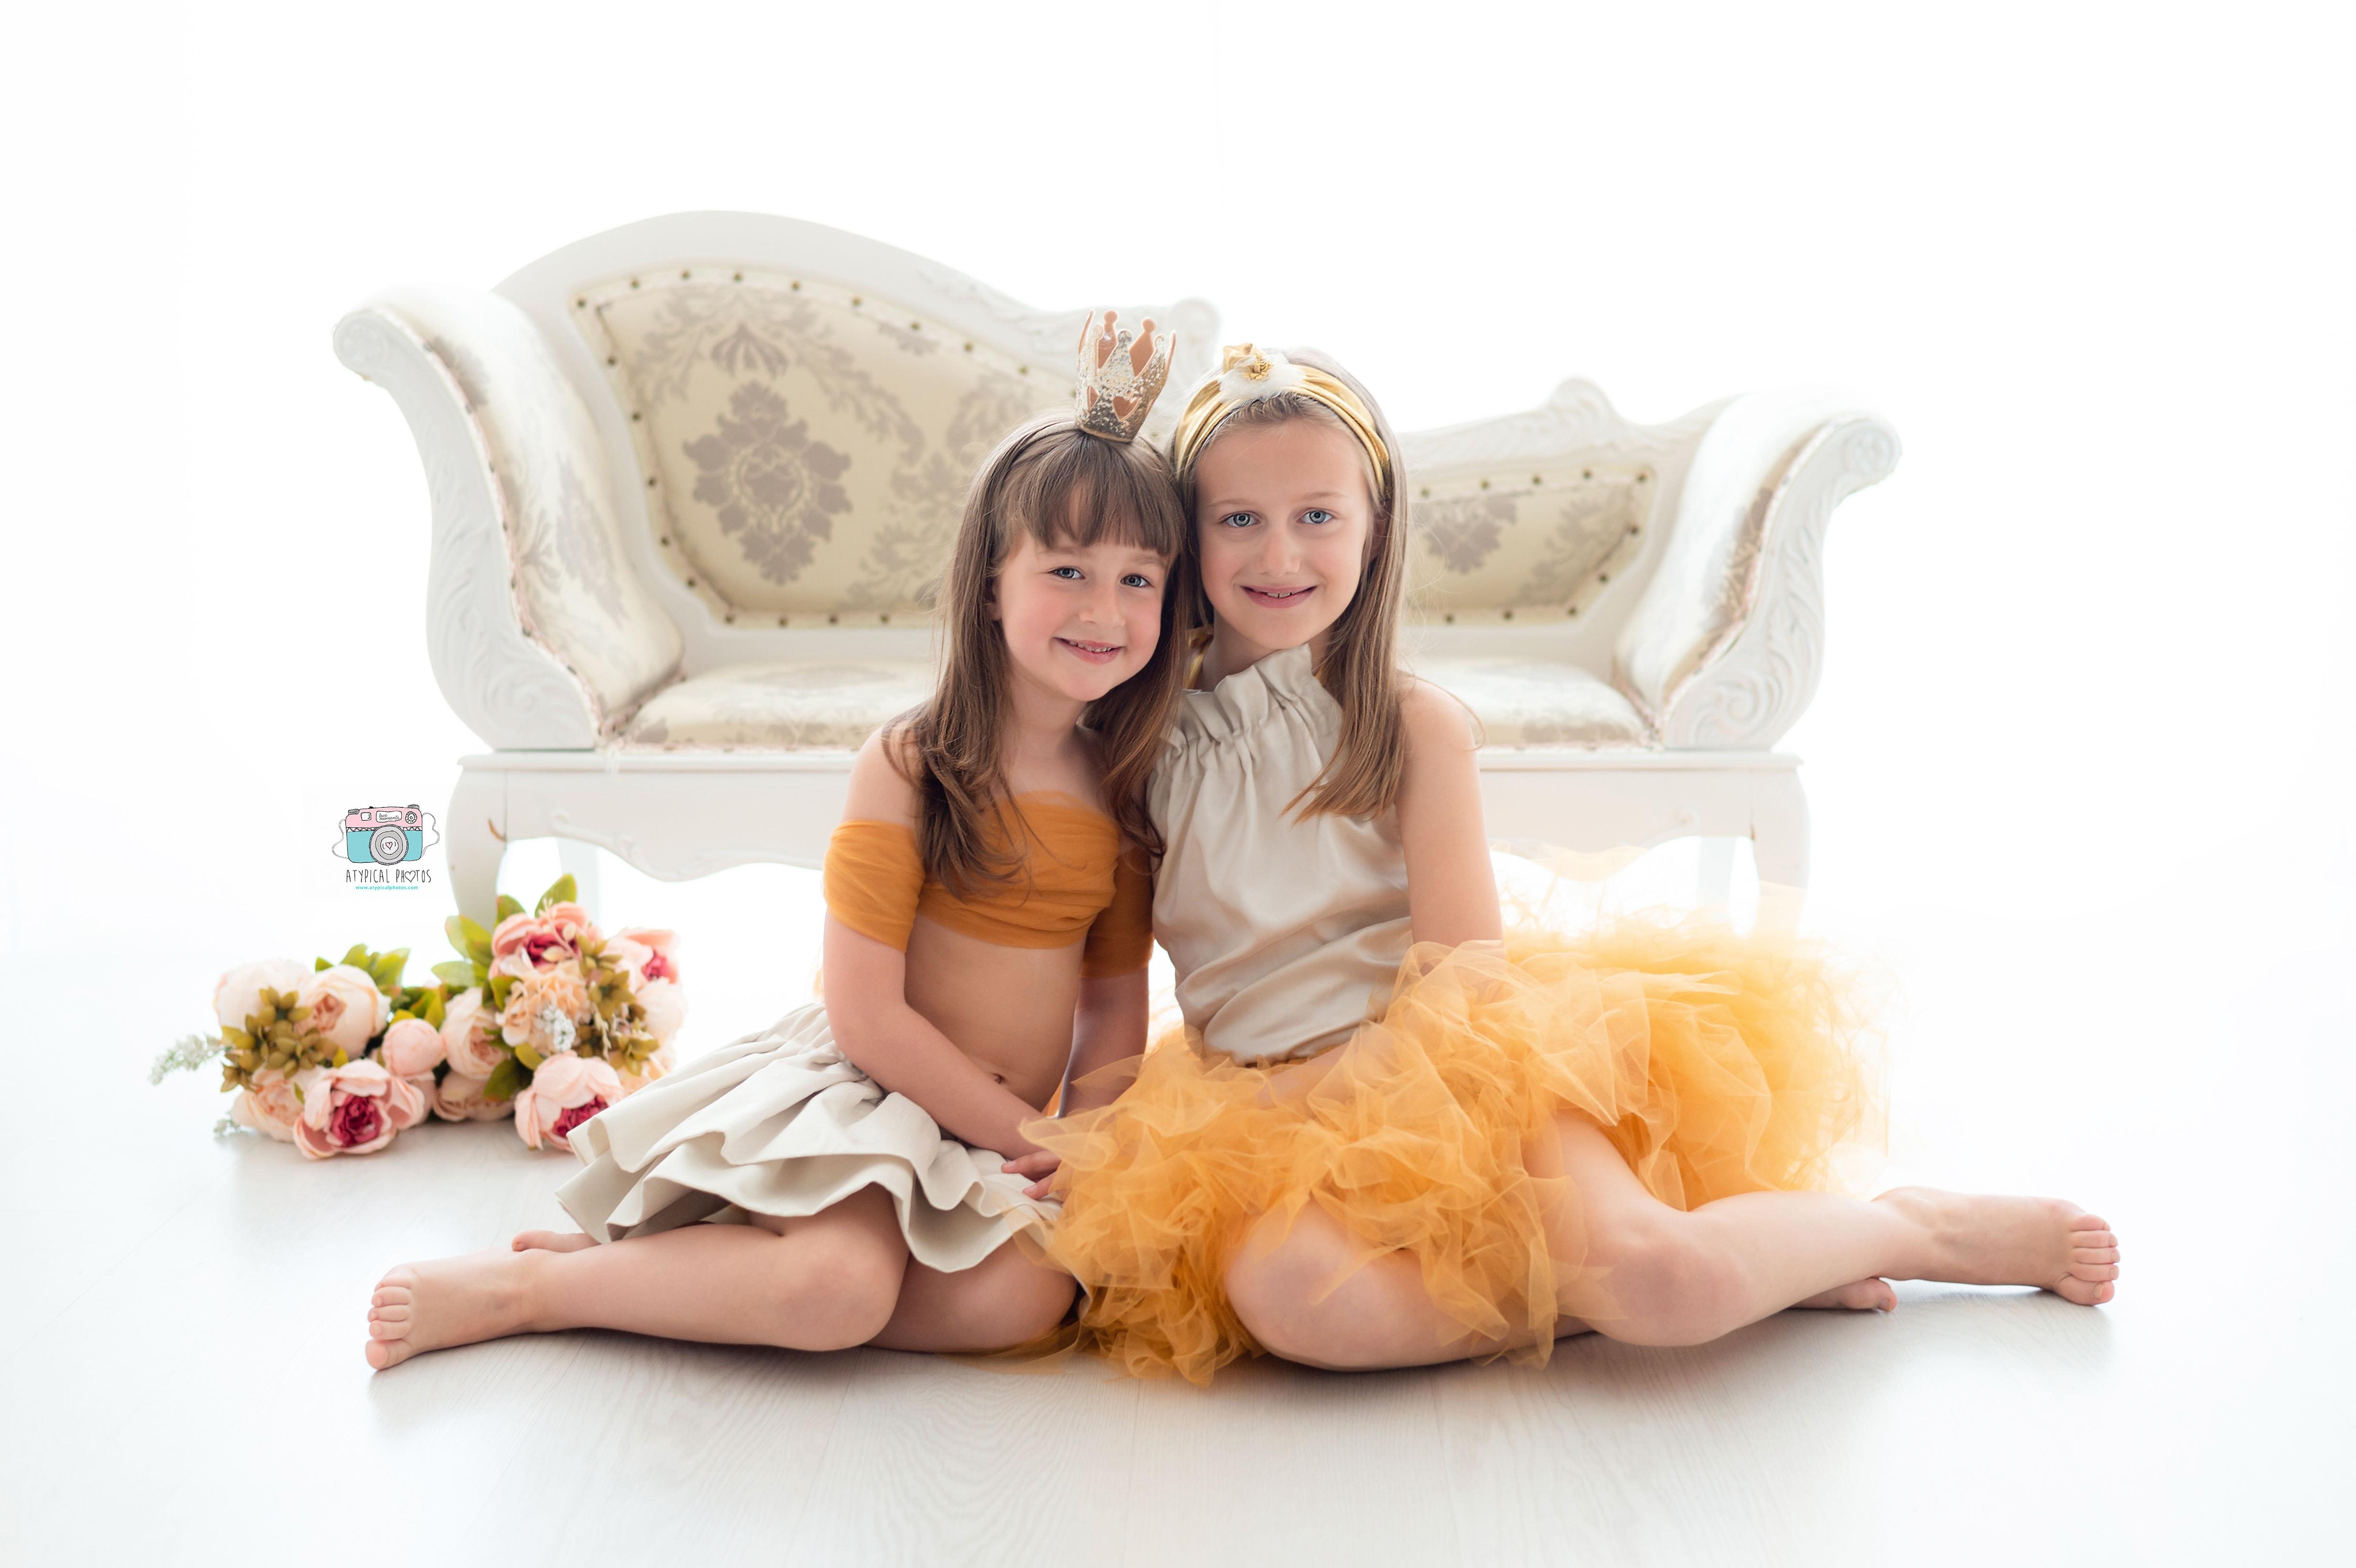 princesashermanas